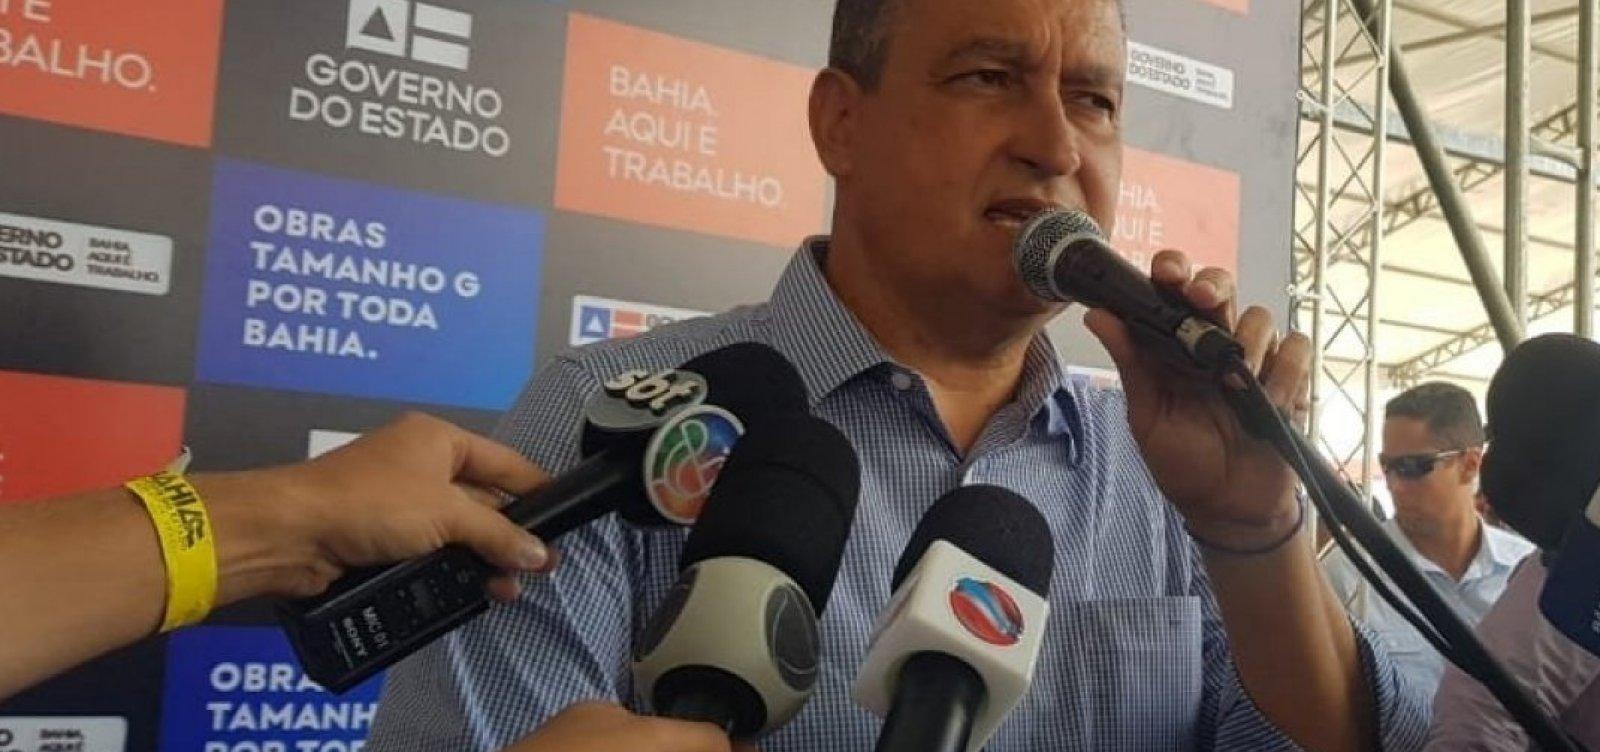 [Rui Costa repudia Bolsonaro por dizer que 'Quem quiser vir fazer sexo com mulher, fique à vontade': 'É de ficar perplexo']